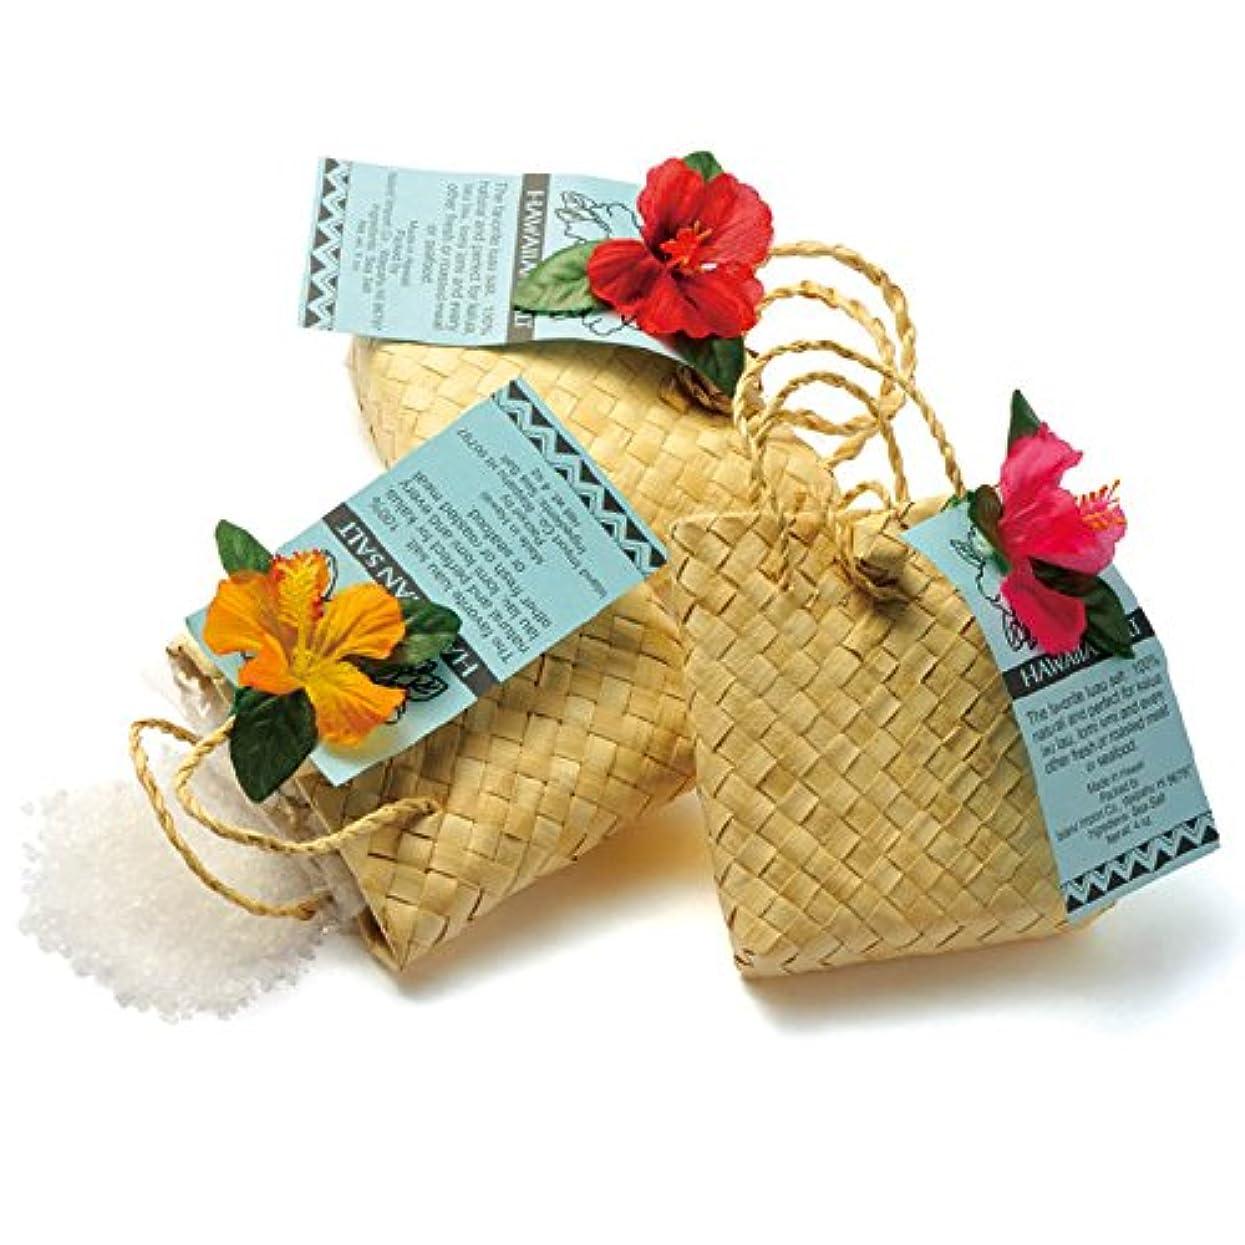 ロードブロッキングコジオスコ固体ハワイ 土産 ハワイ ソルトバッグ入り 3袋セット (海外旅行 ハワイ お土産)